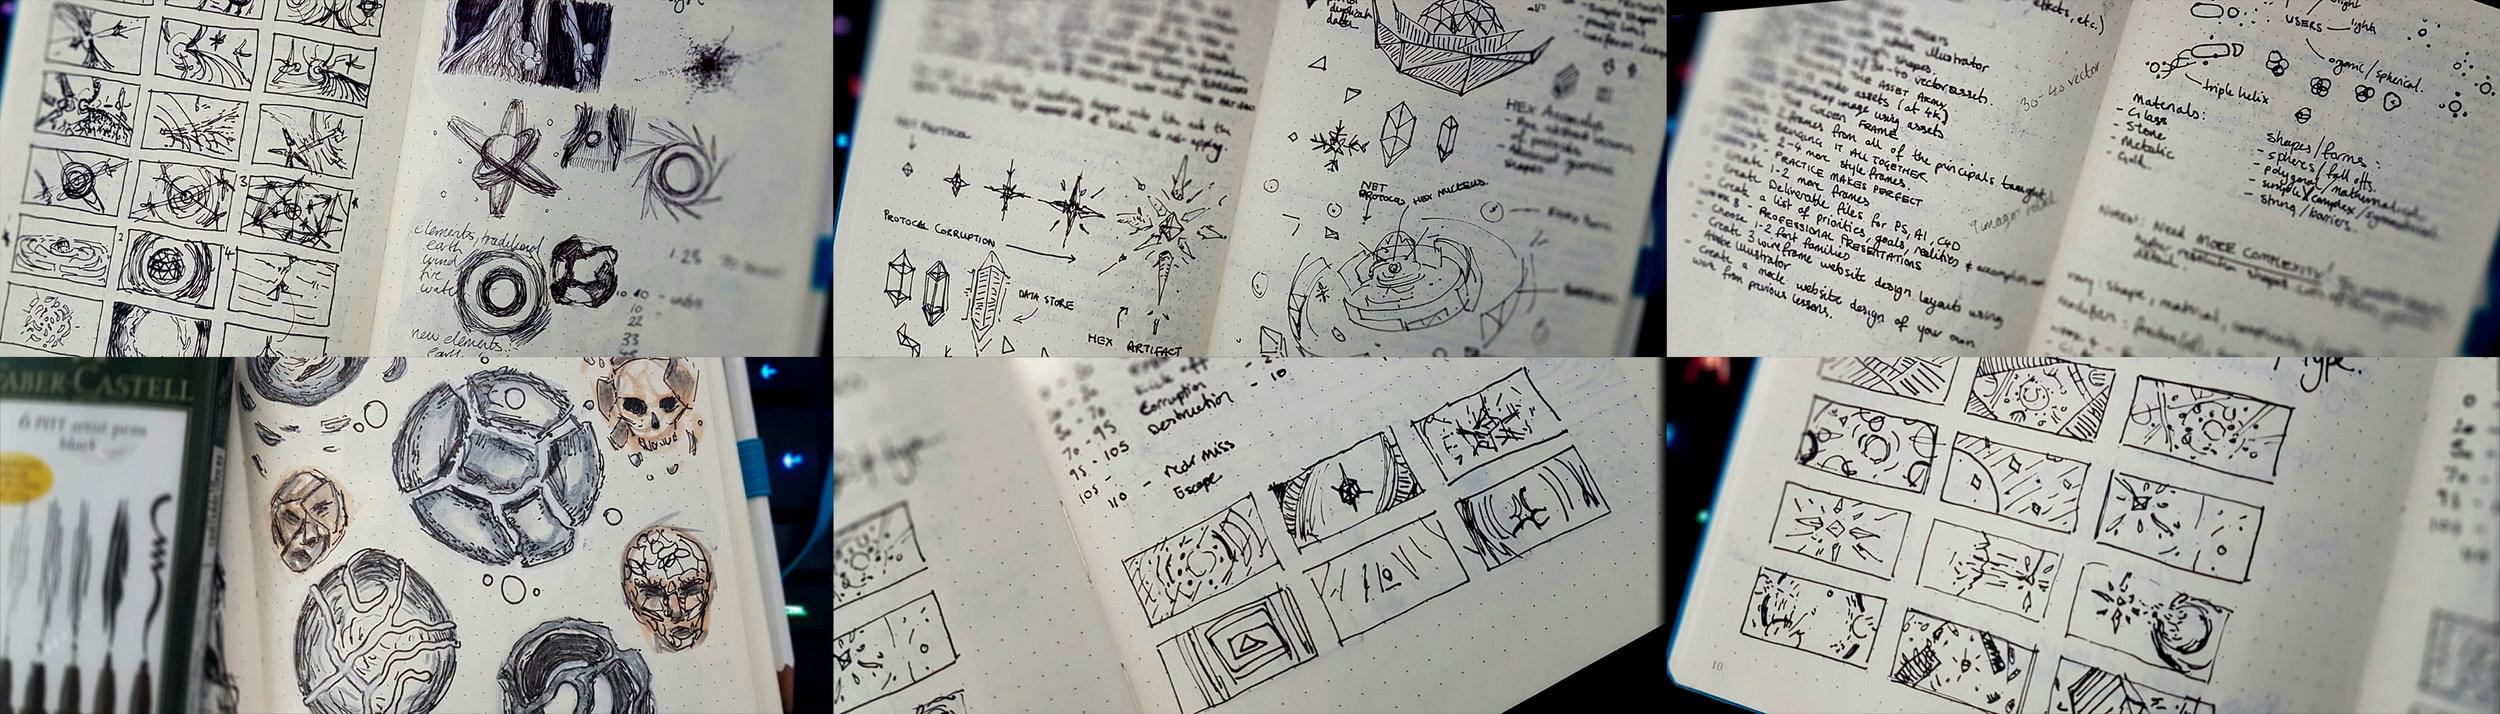 uidata_010_finals_sketchbook-all.jpg